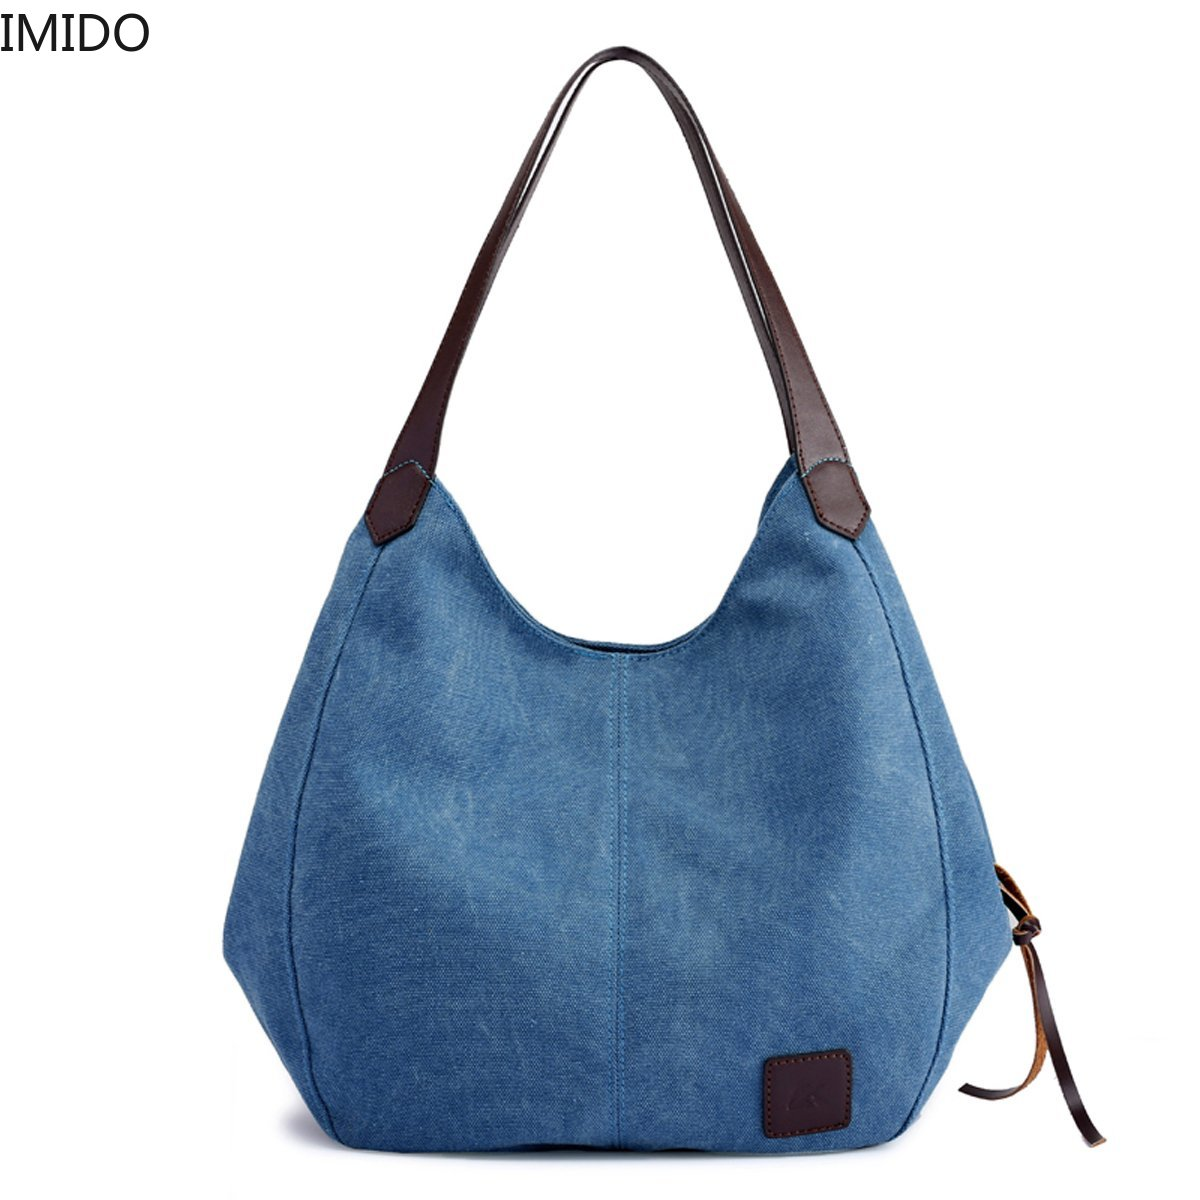 23c1476aaee3 Имидо роскошные сумки для женщин дизайнер Kvky горячие для женщин's  тканевая сумка-шоппер Сумка Женский